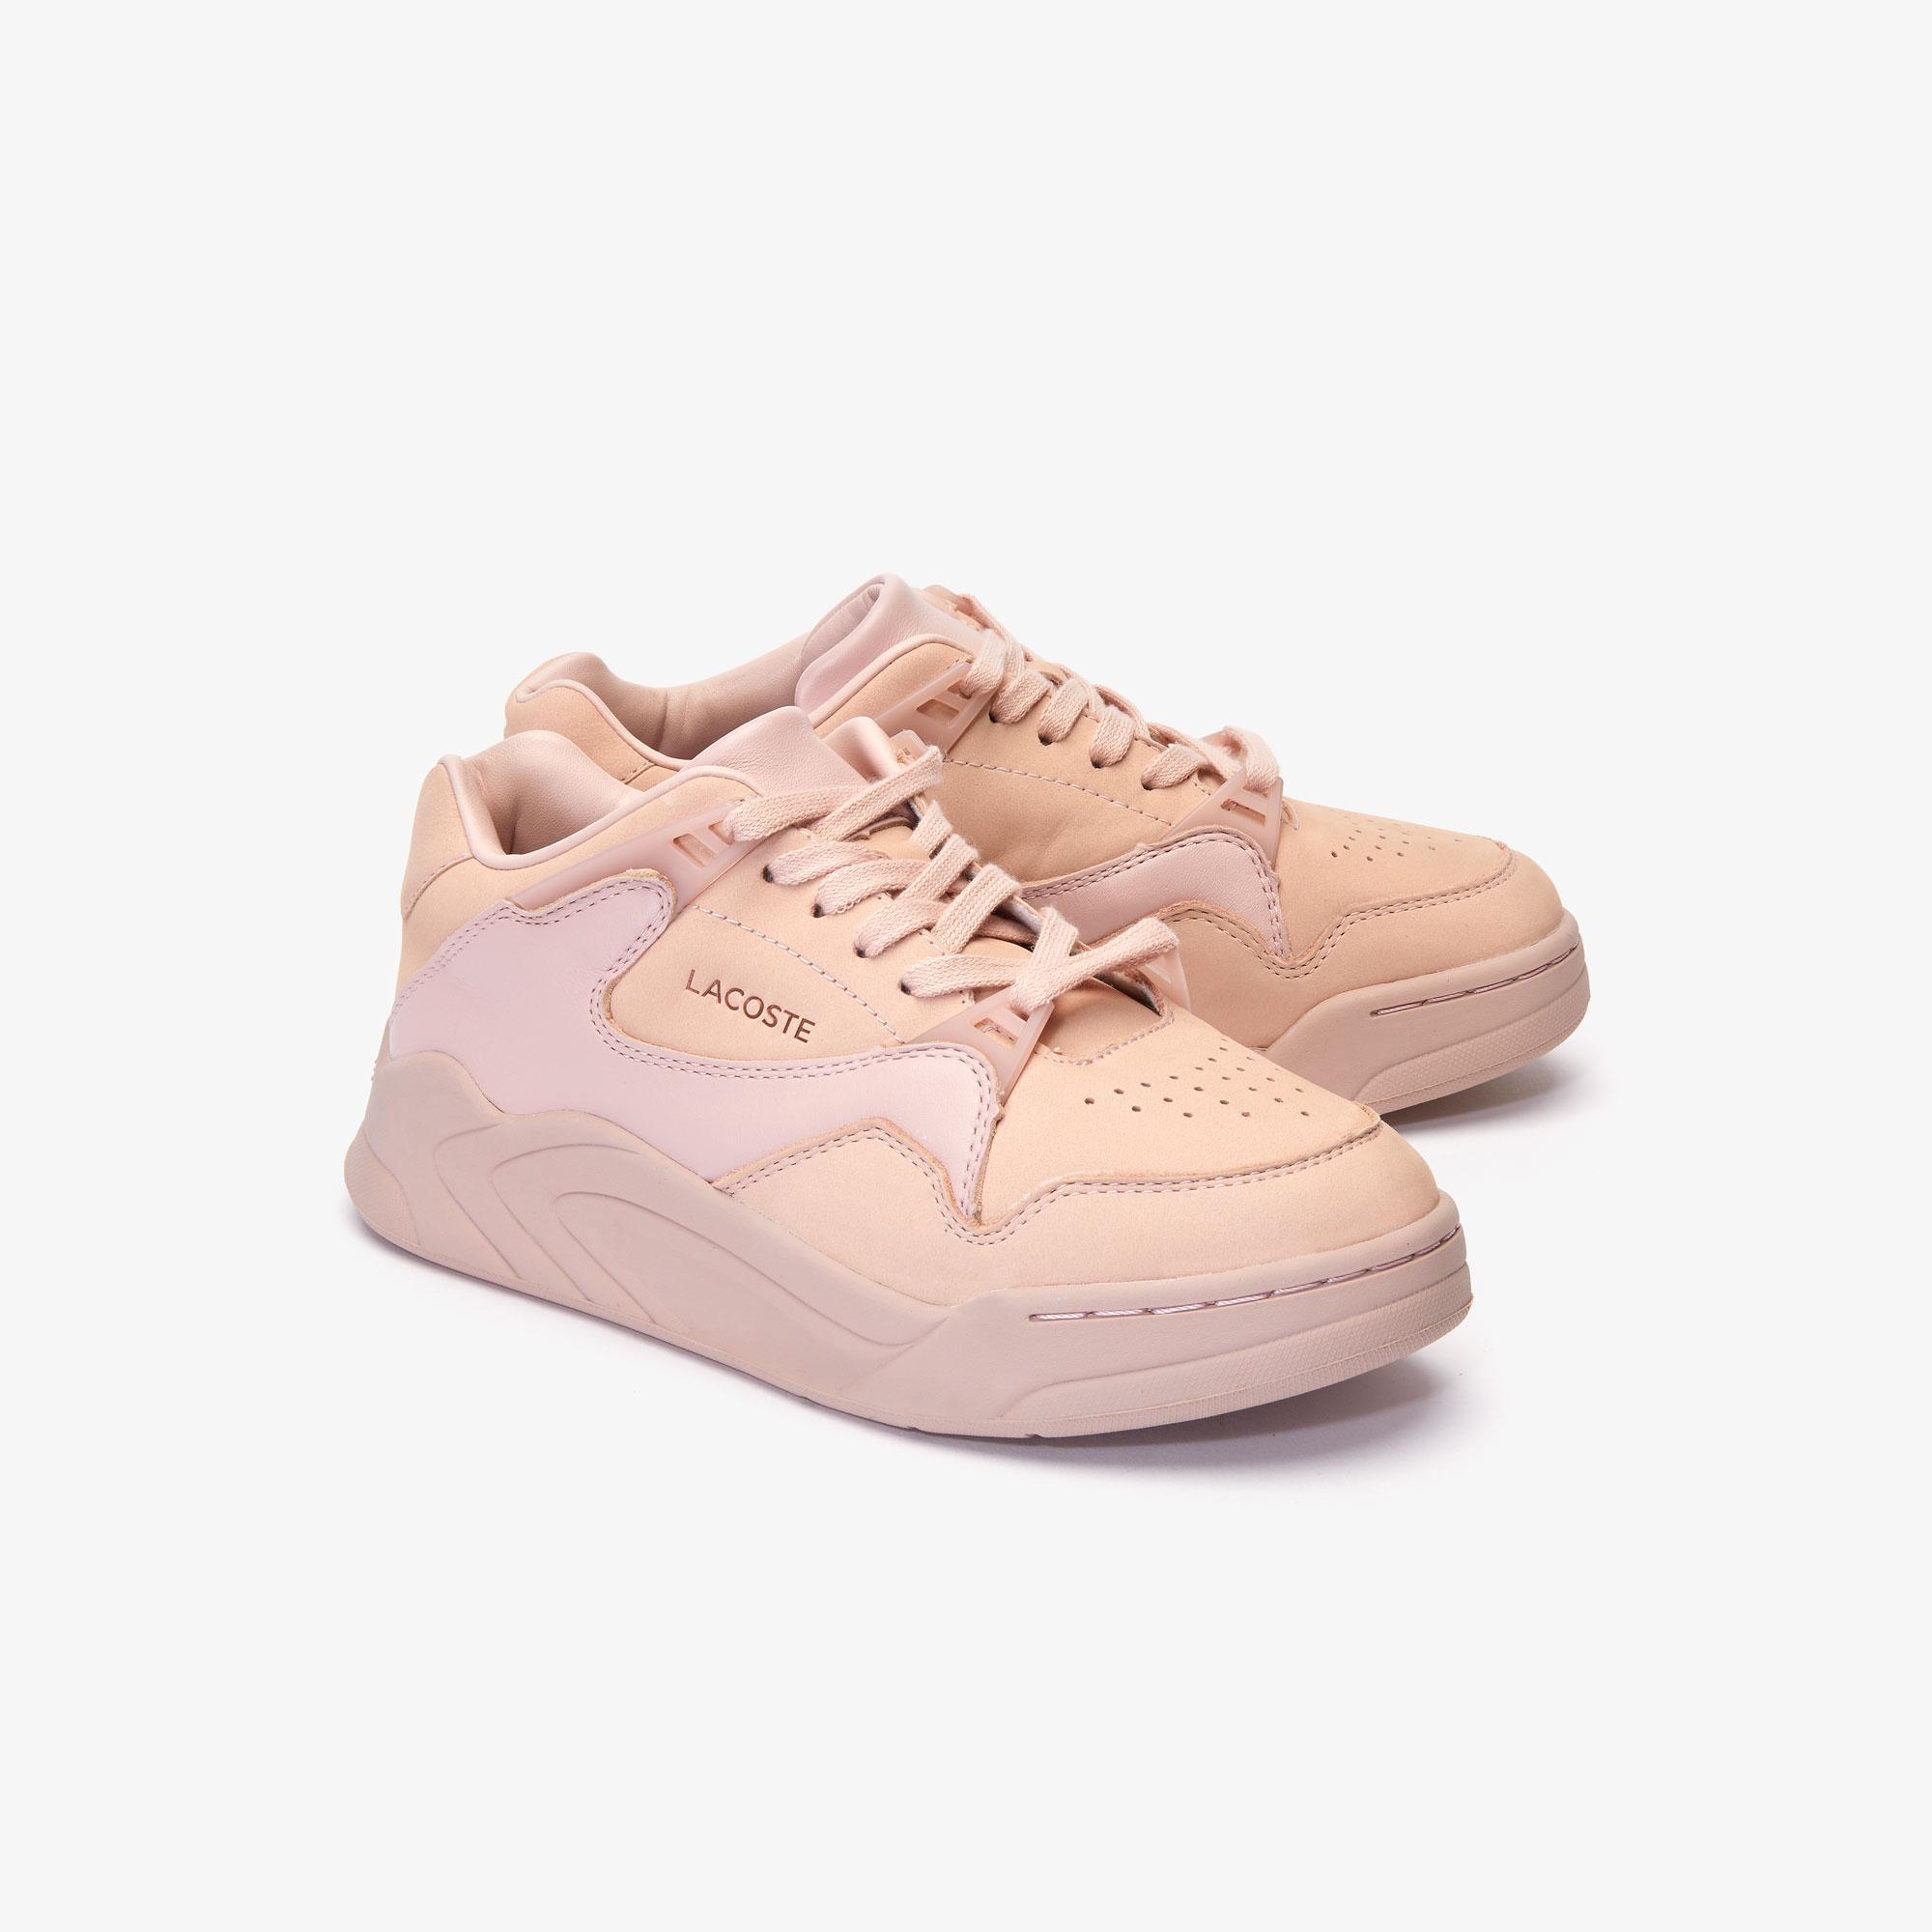 Lacoste Court Slam  419 1 Women's Sneakers